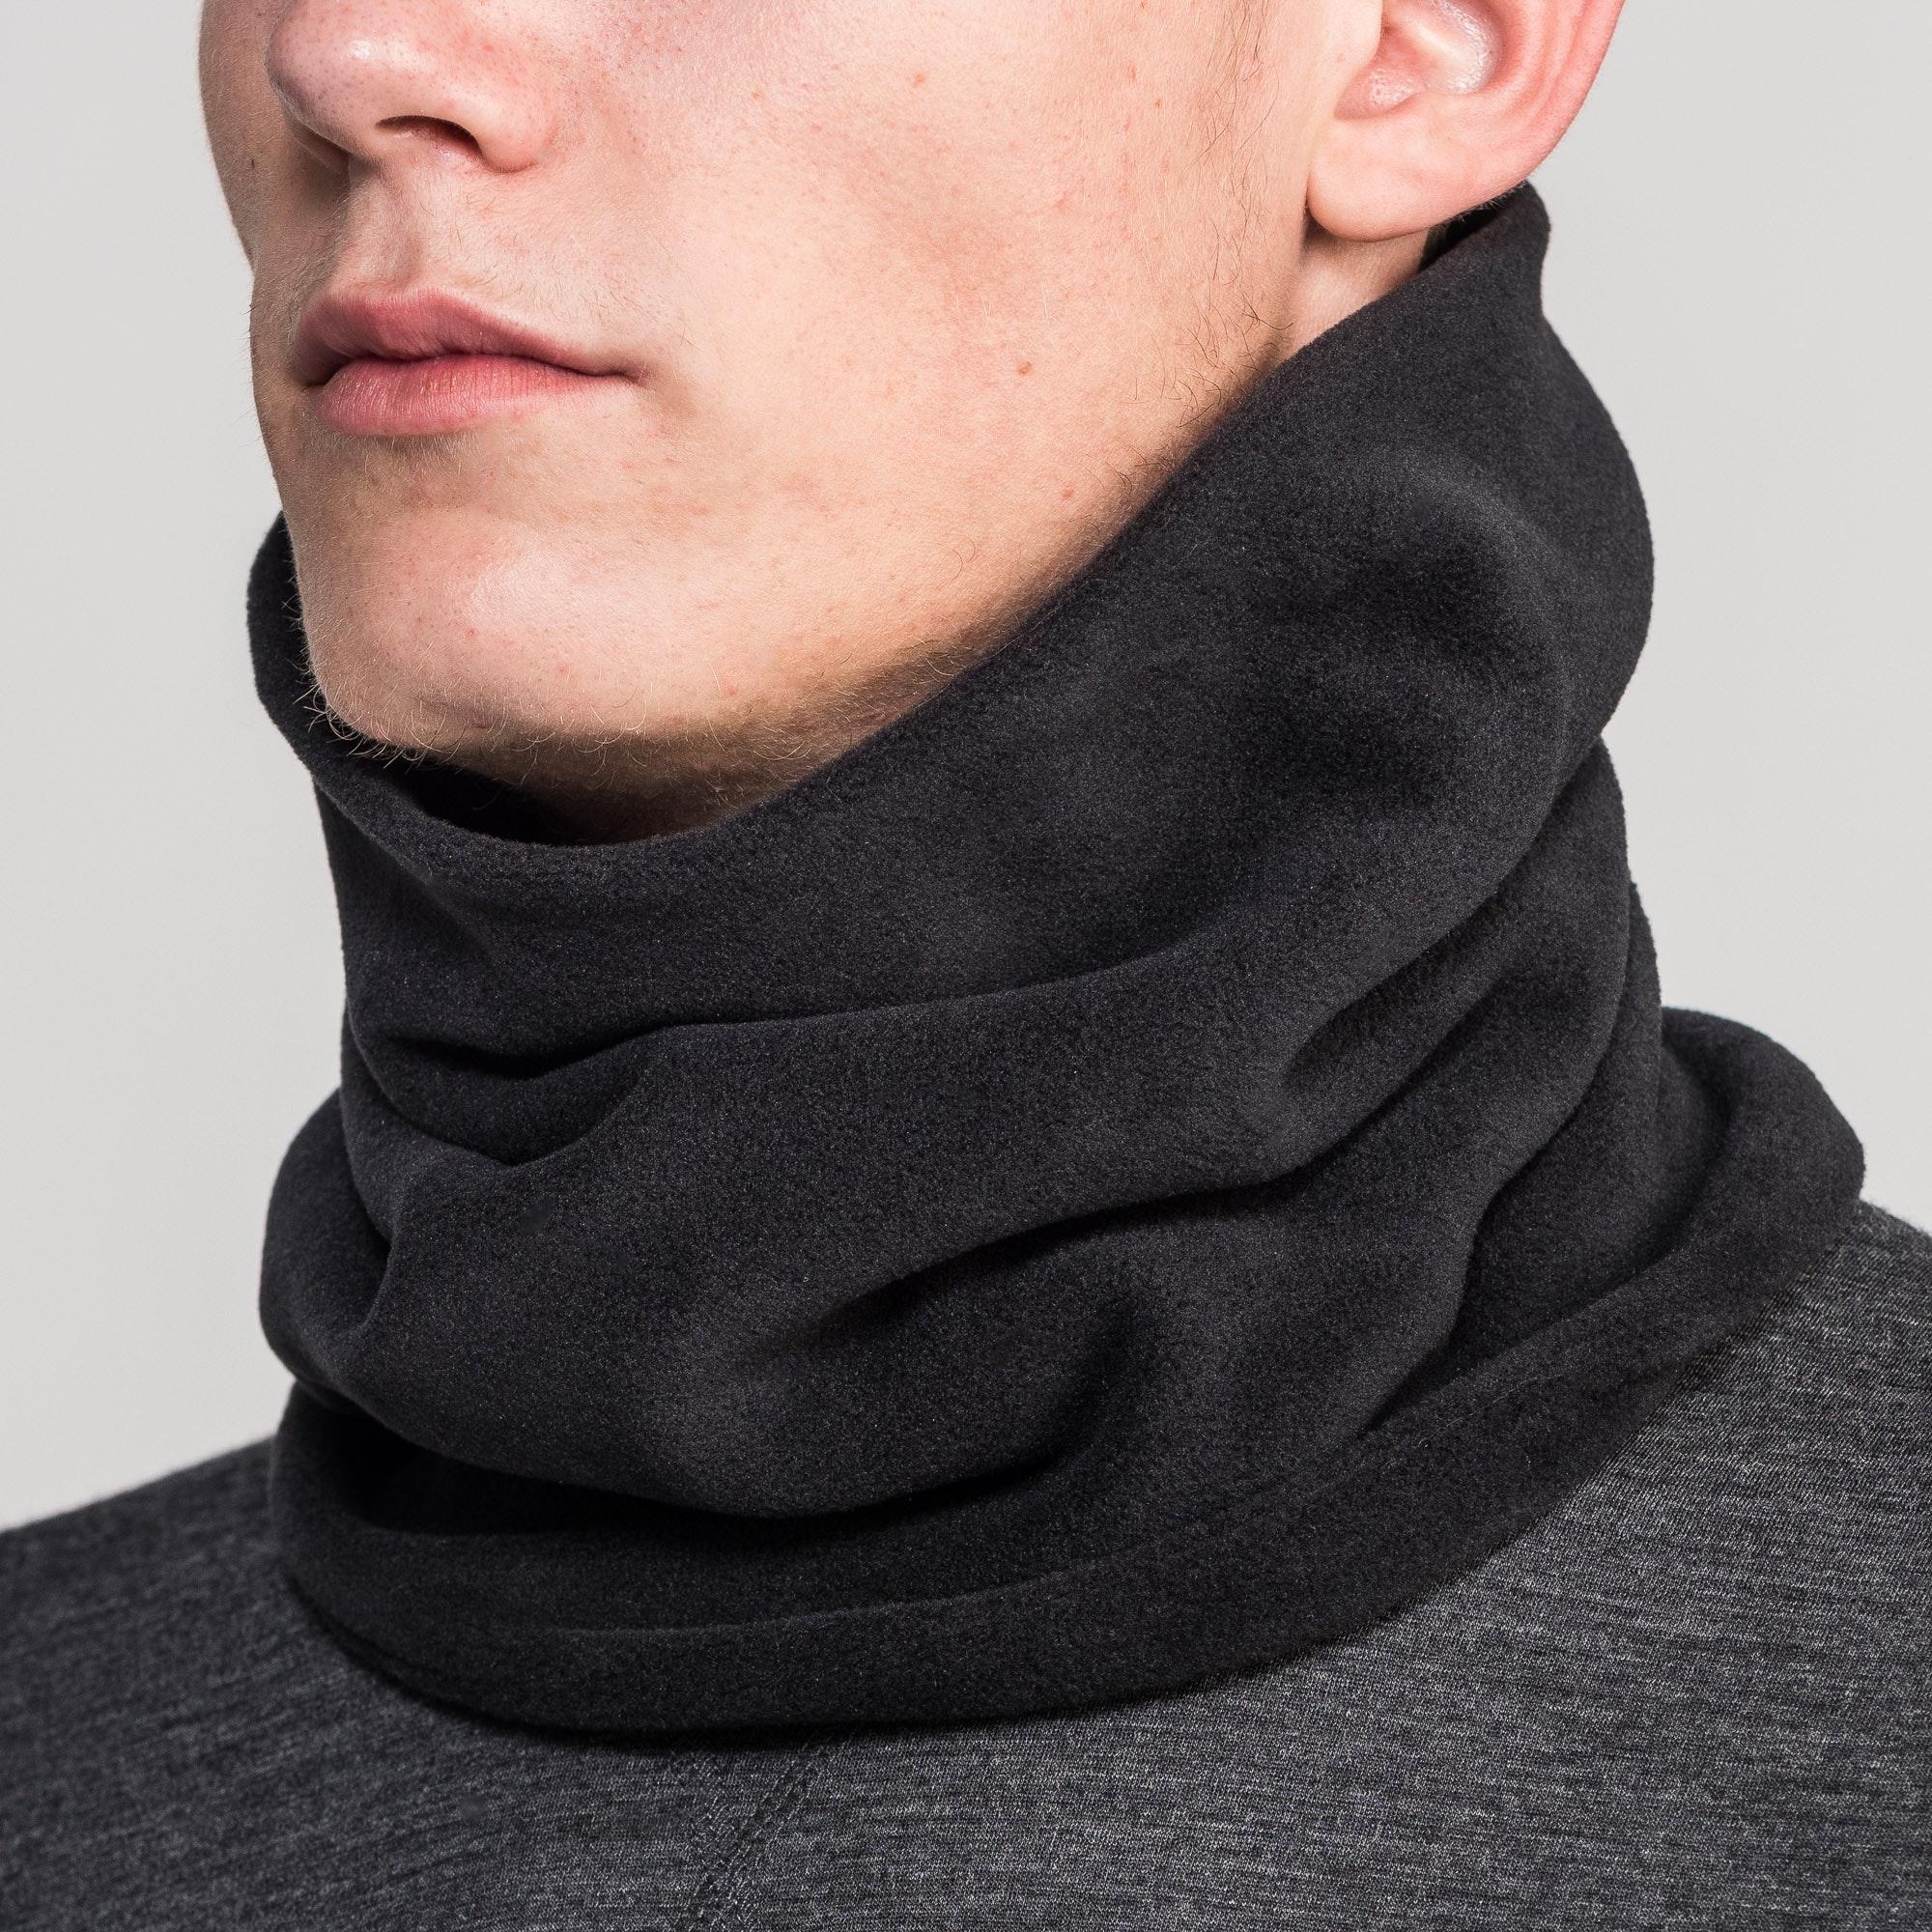 neck gaiter - photo #4